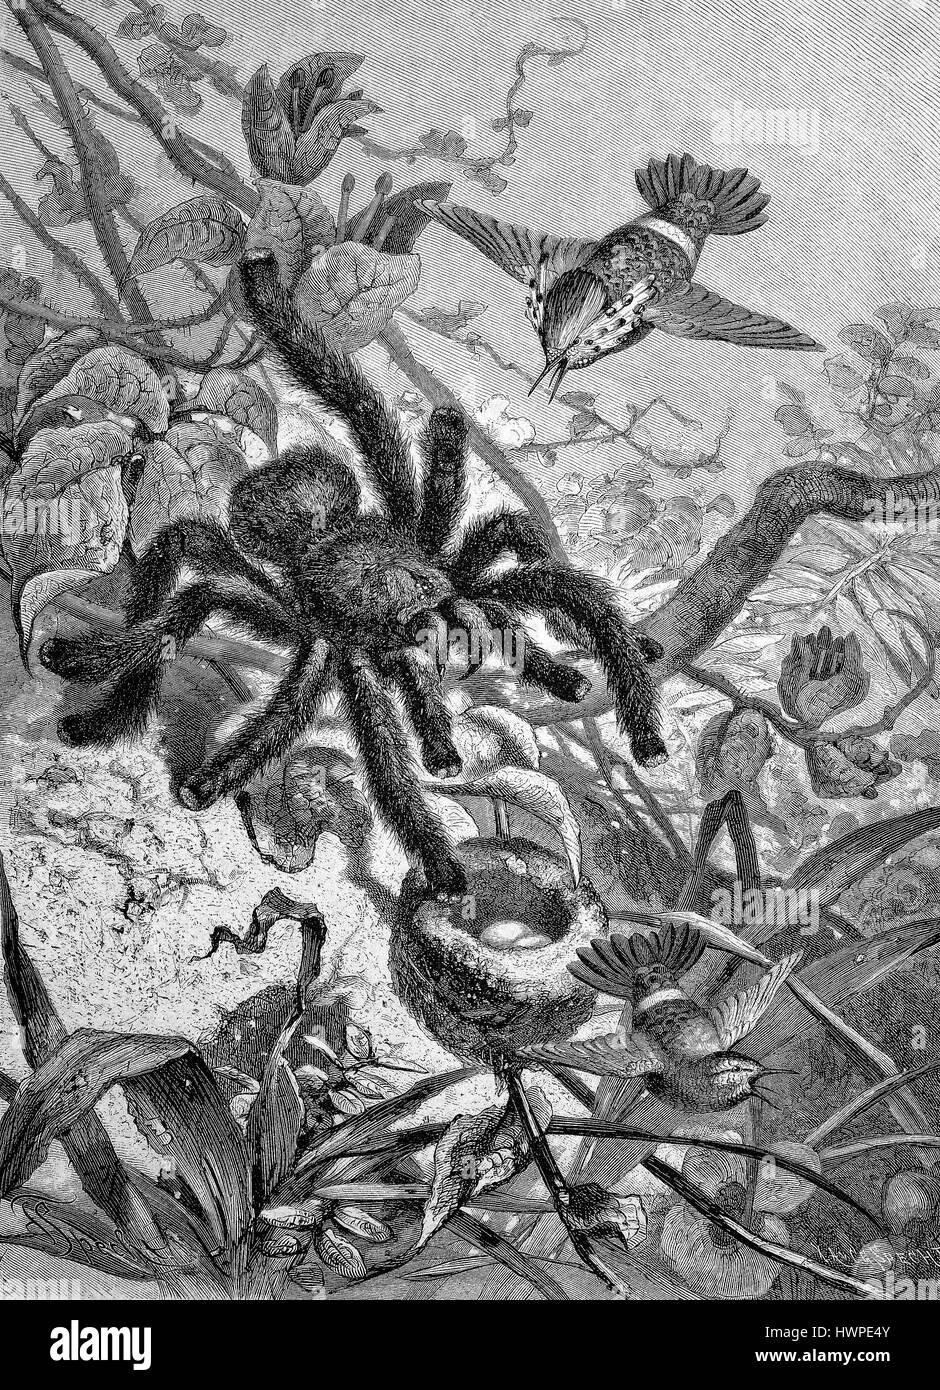 eine Vogel-Essen Spinne dringt in ein Nest von der Kolibri, Reproduktion einer original Holzschnitt aus dem Jahr Stockbild